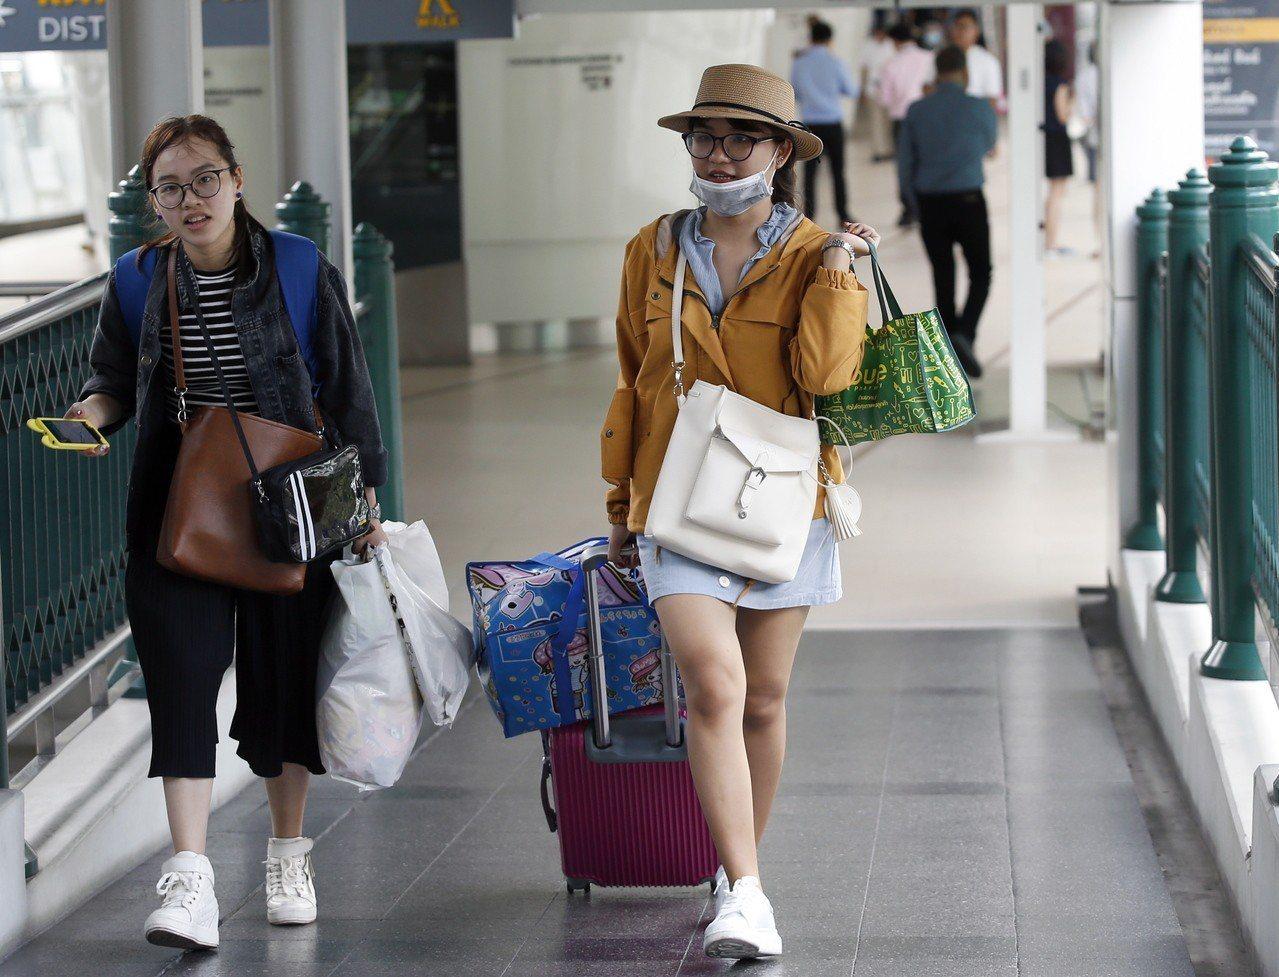 泰國政府去年宣布免收21國旅客落地簽證費,顯著提高赴泰旅客人數,中國觀光客明顯增...